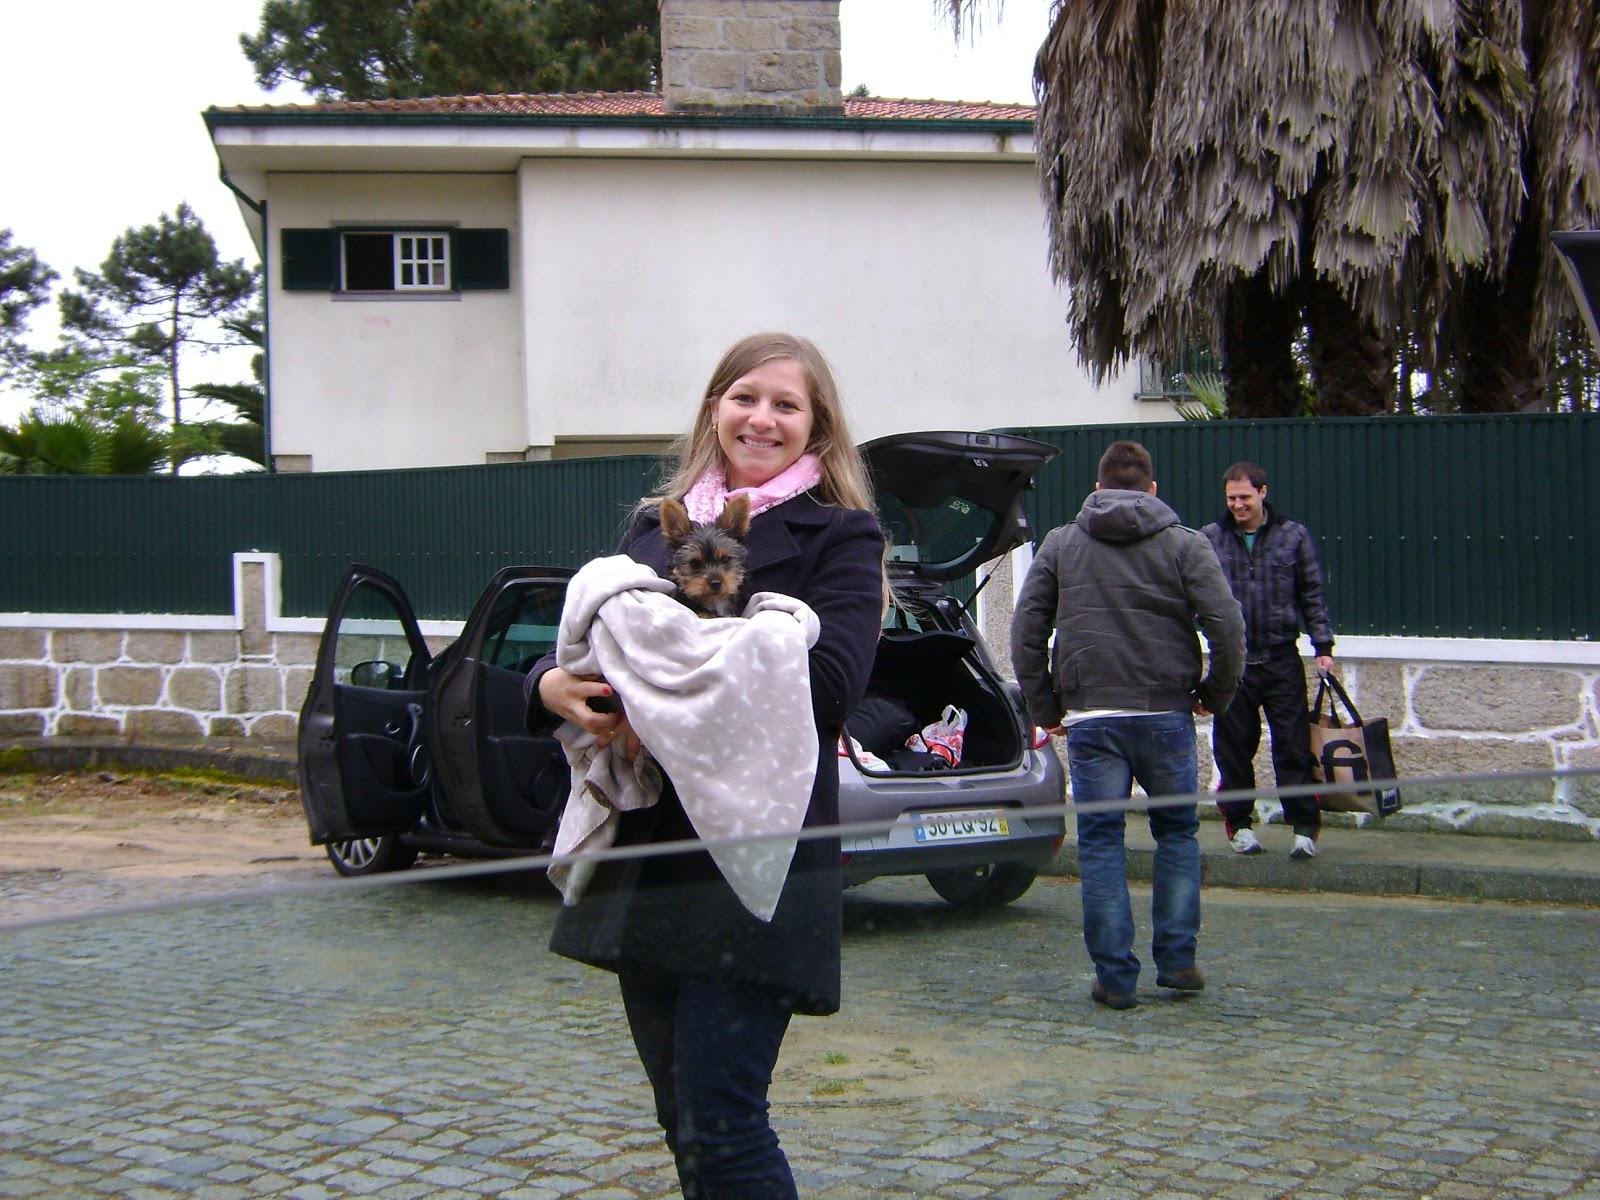 Por onde andamos: De Porto à Santiago de Compostela ...